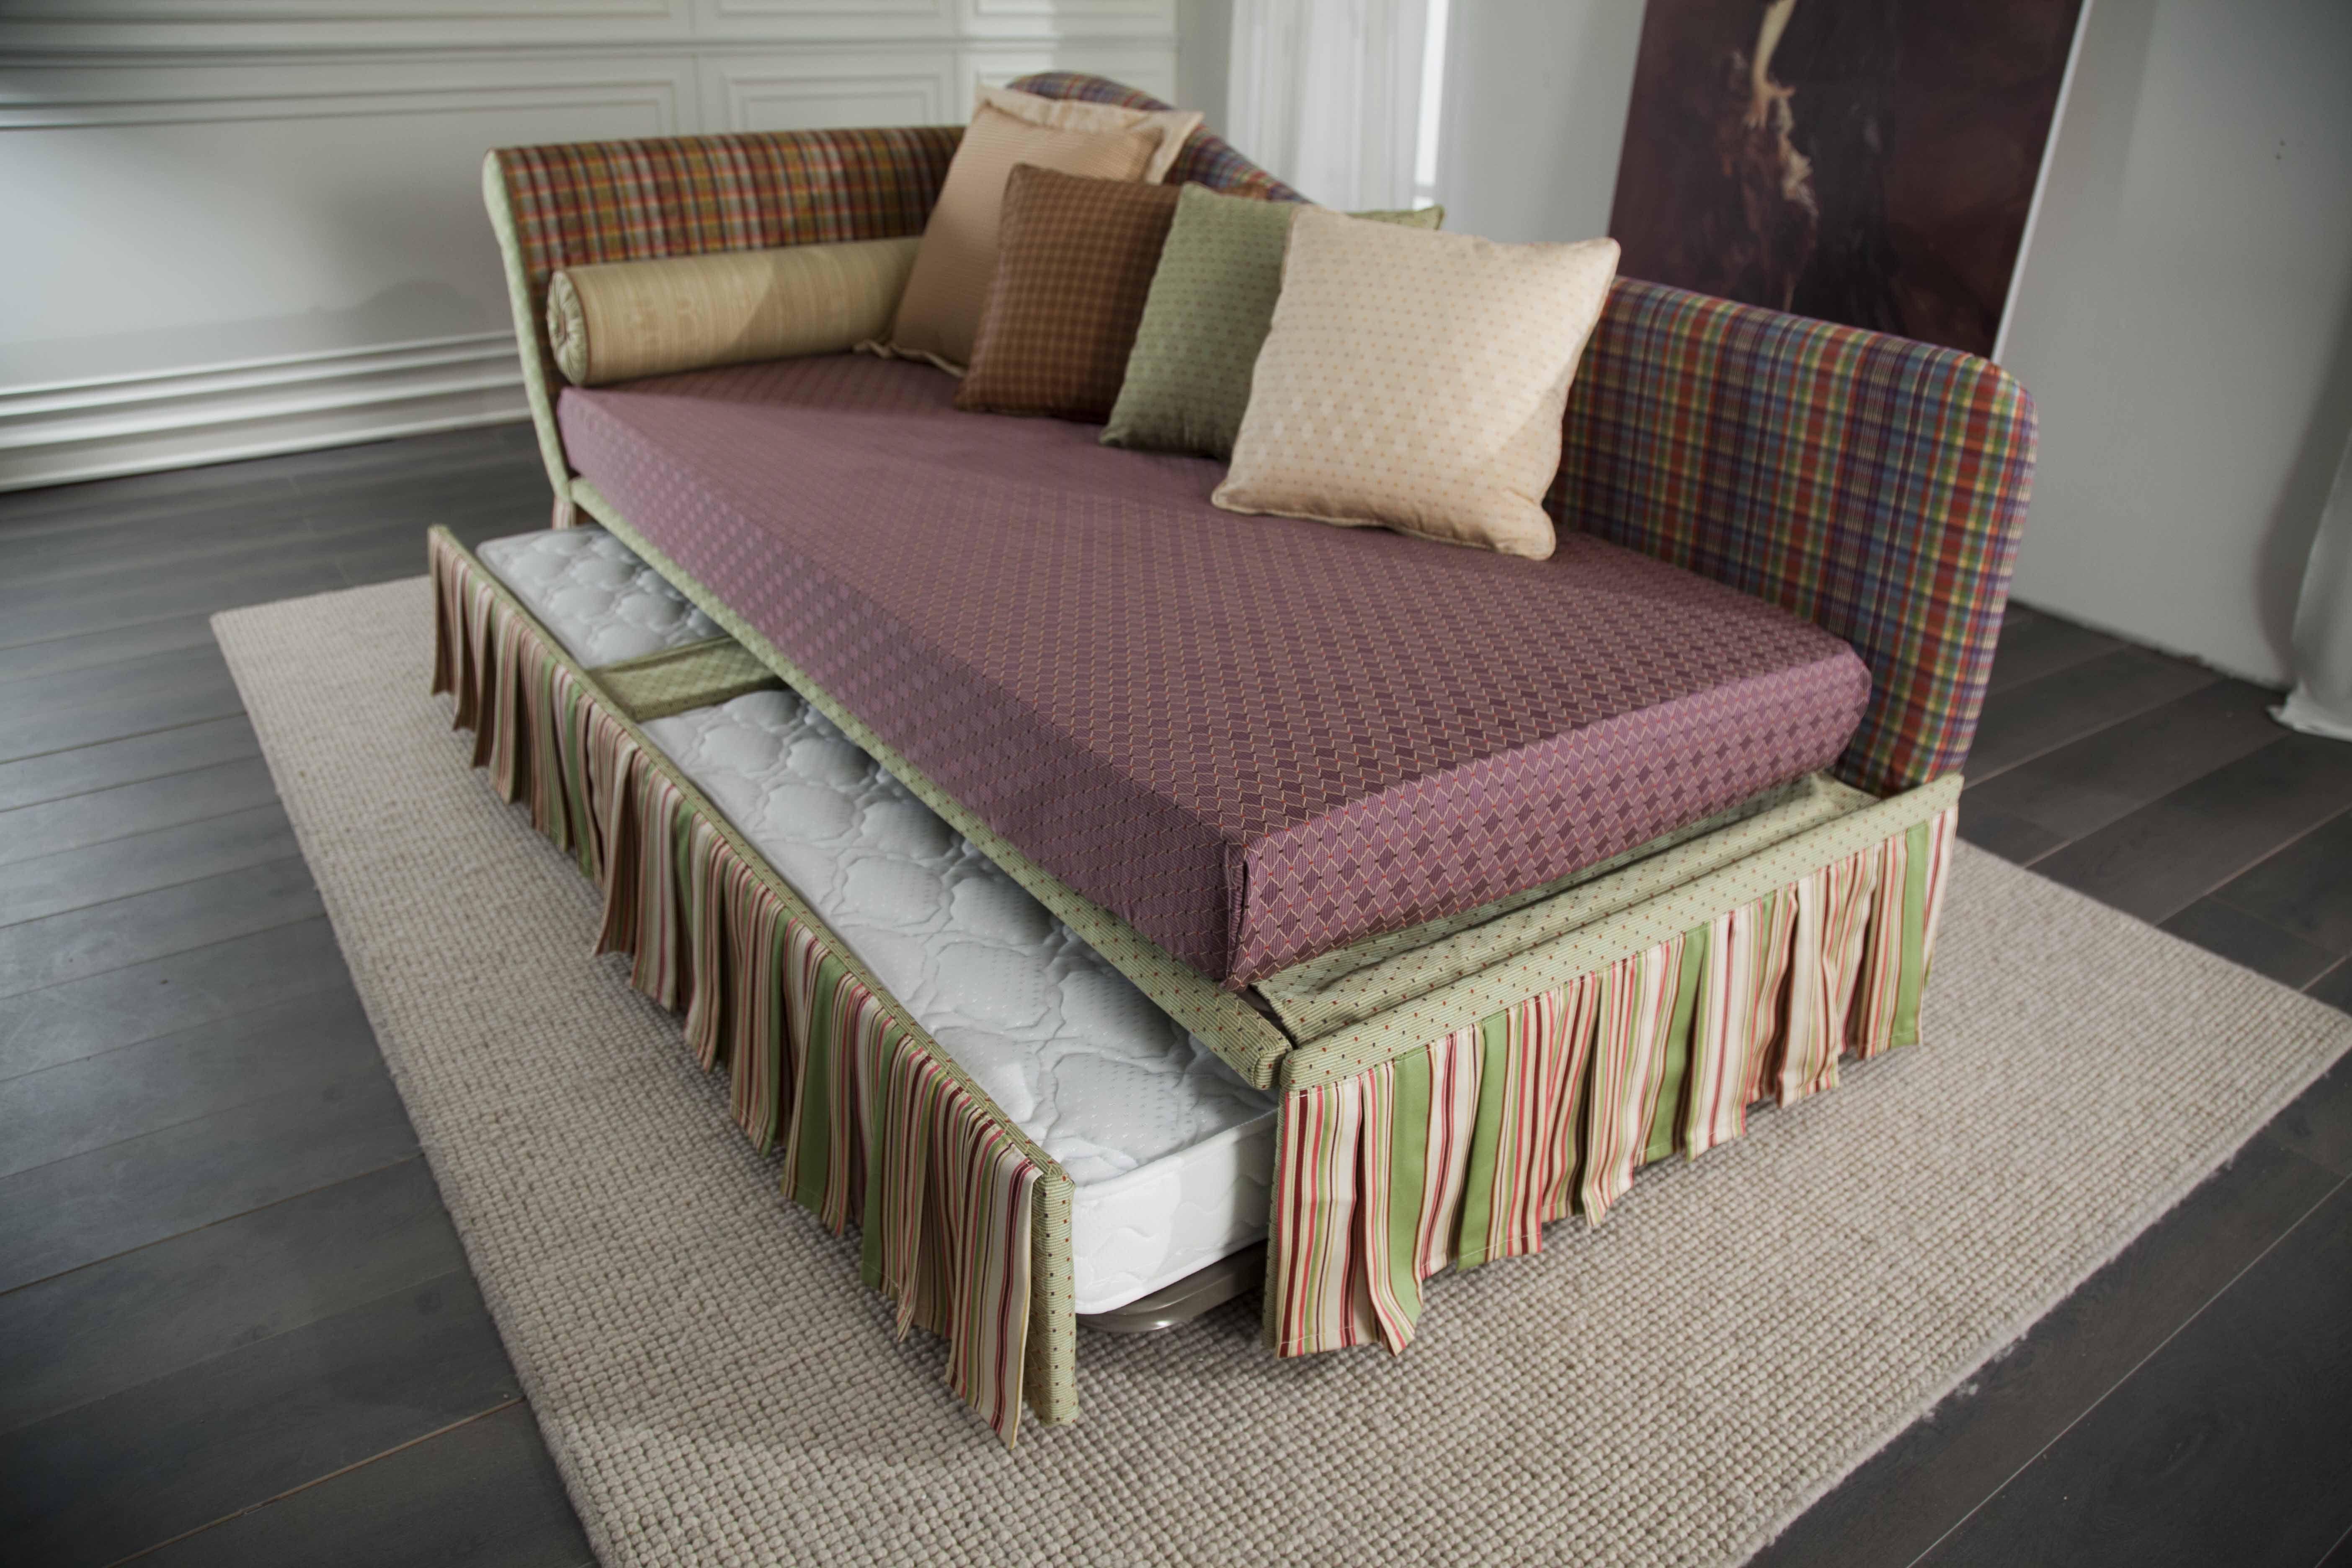 Divano letto con secondo letto estraibile stunning letto for Materasso duetto mondo convenienza